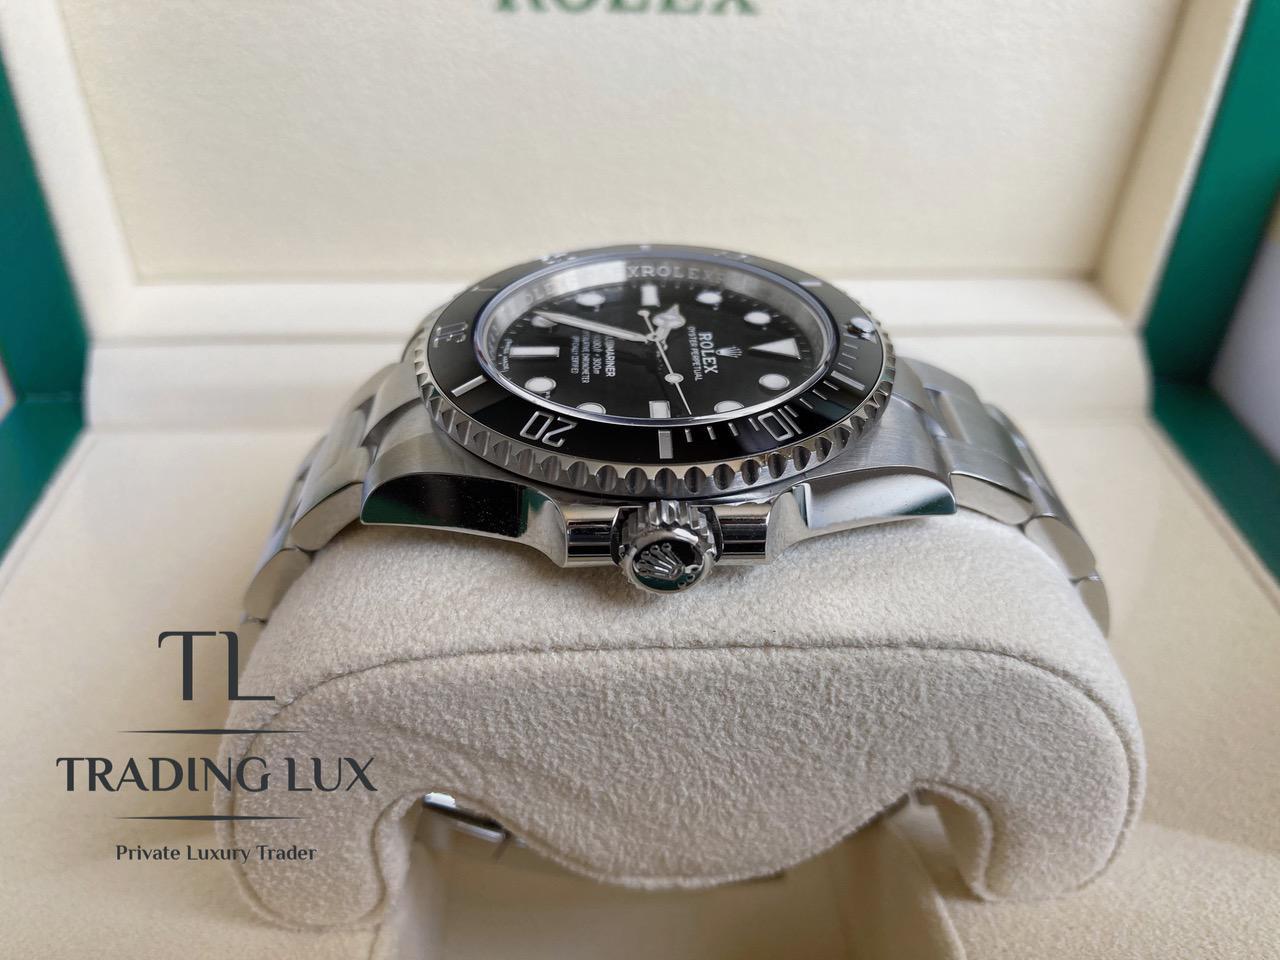 Rolex-Submariner-114060-2